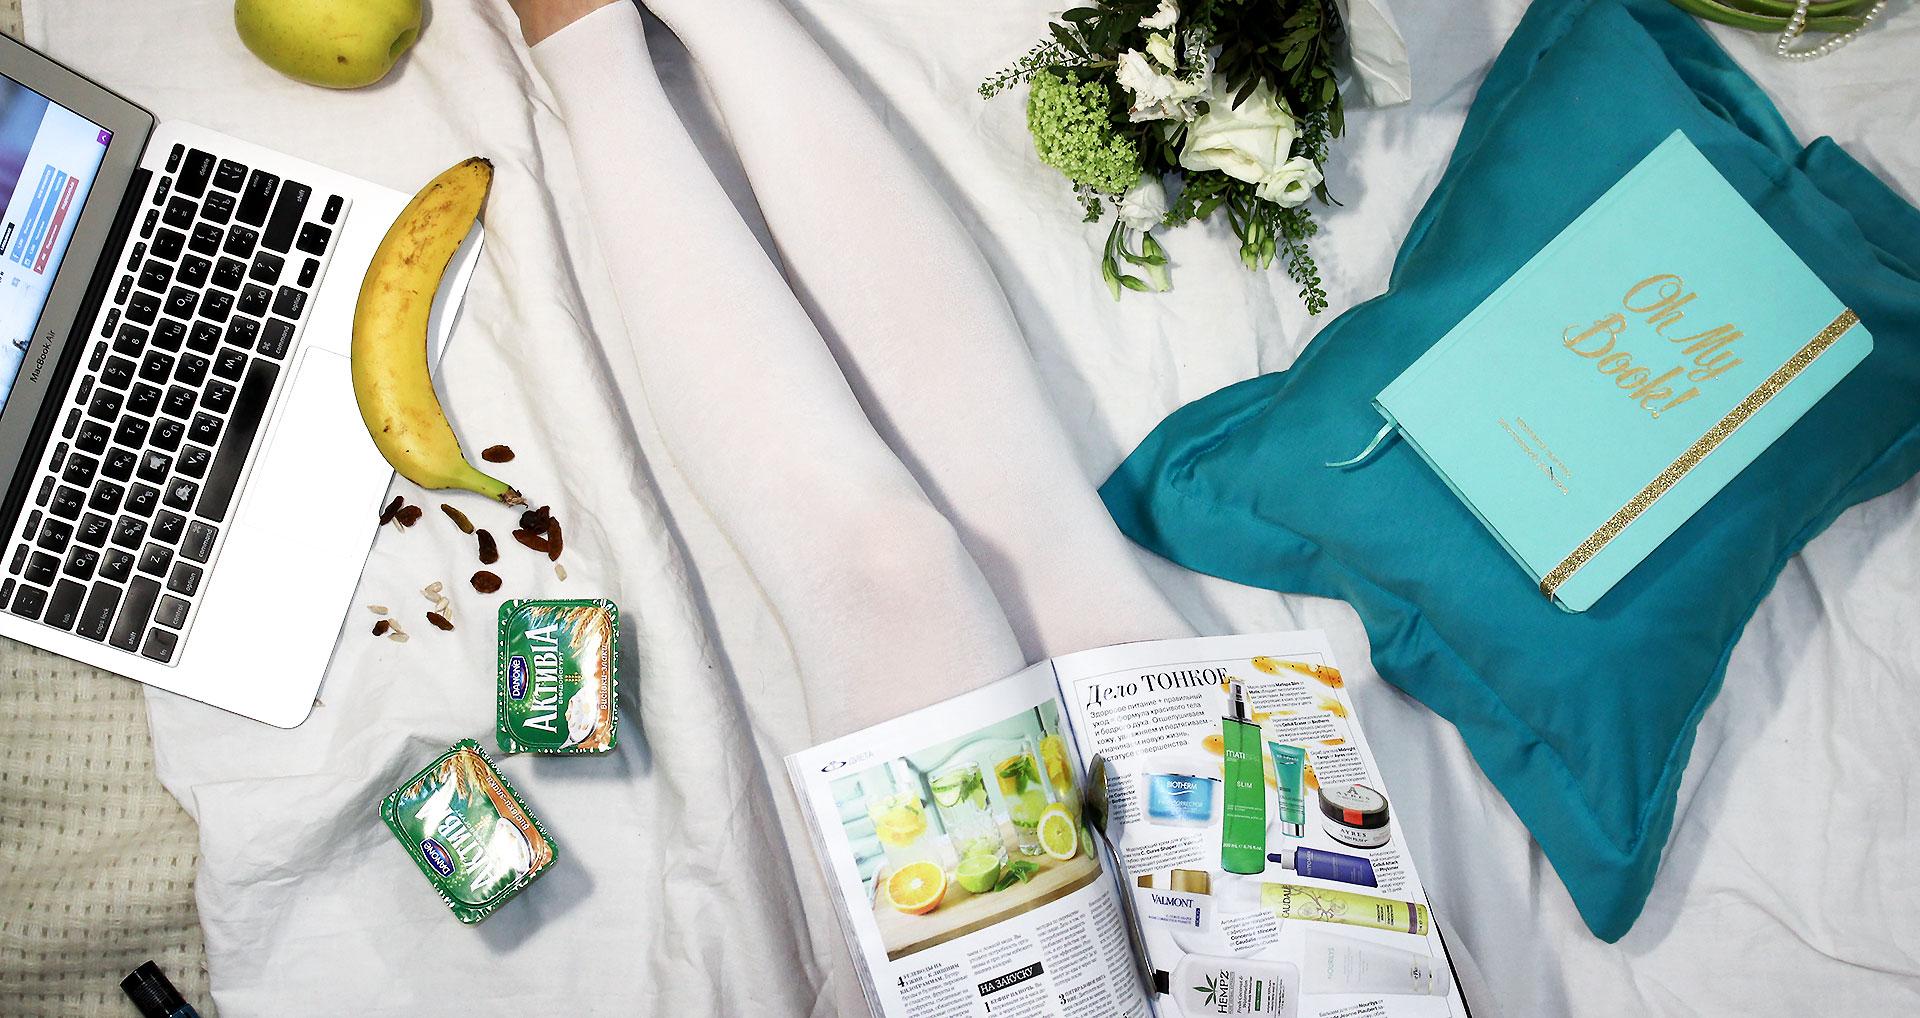 йогурты активиа завтрак